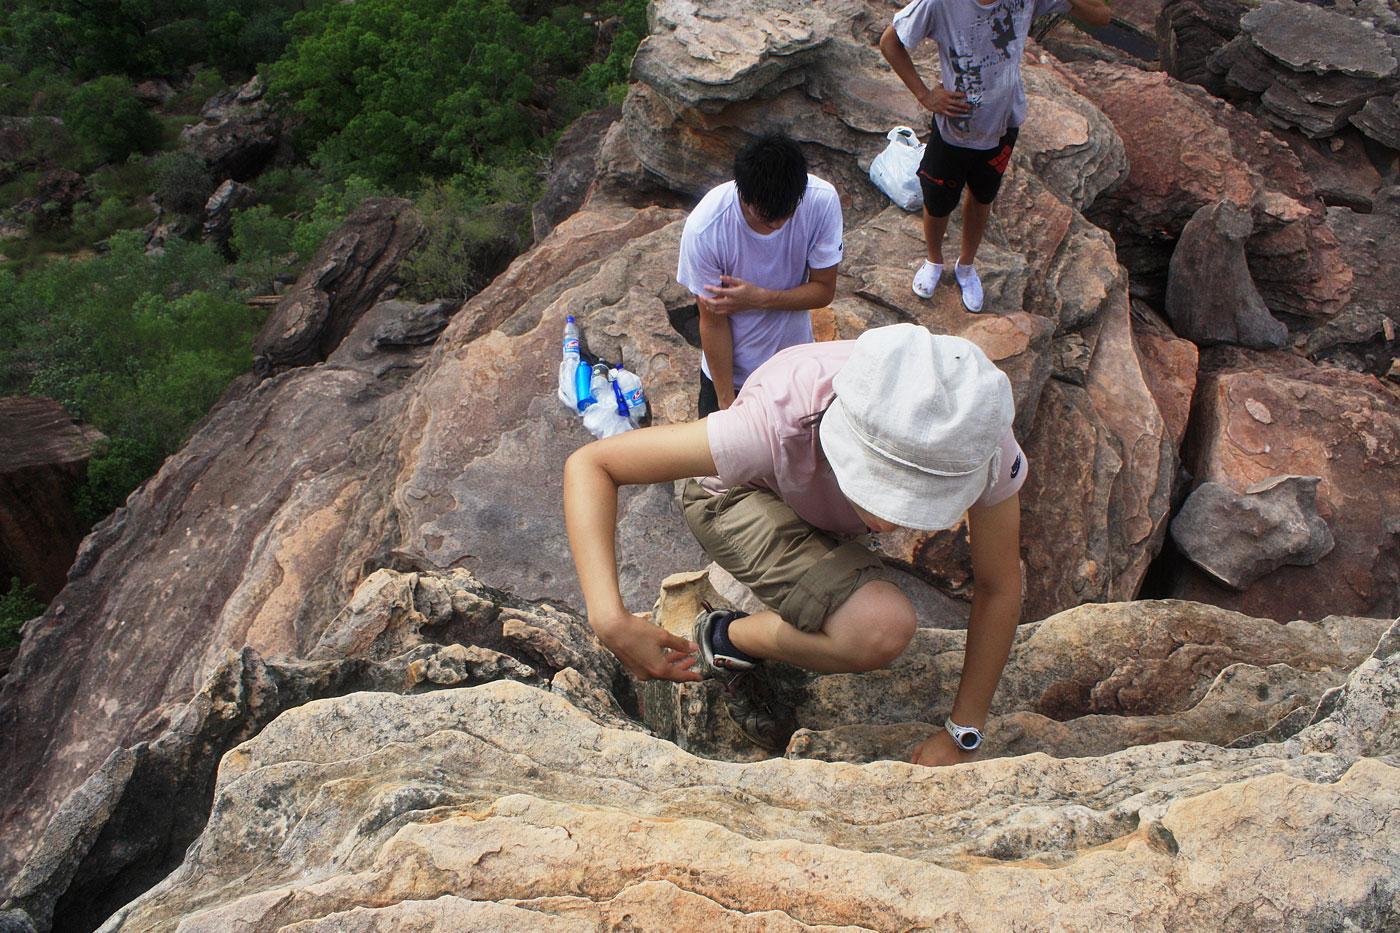 オーストラリアの世界遺産「カカドゥ国立公園」